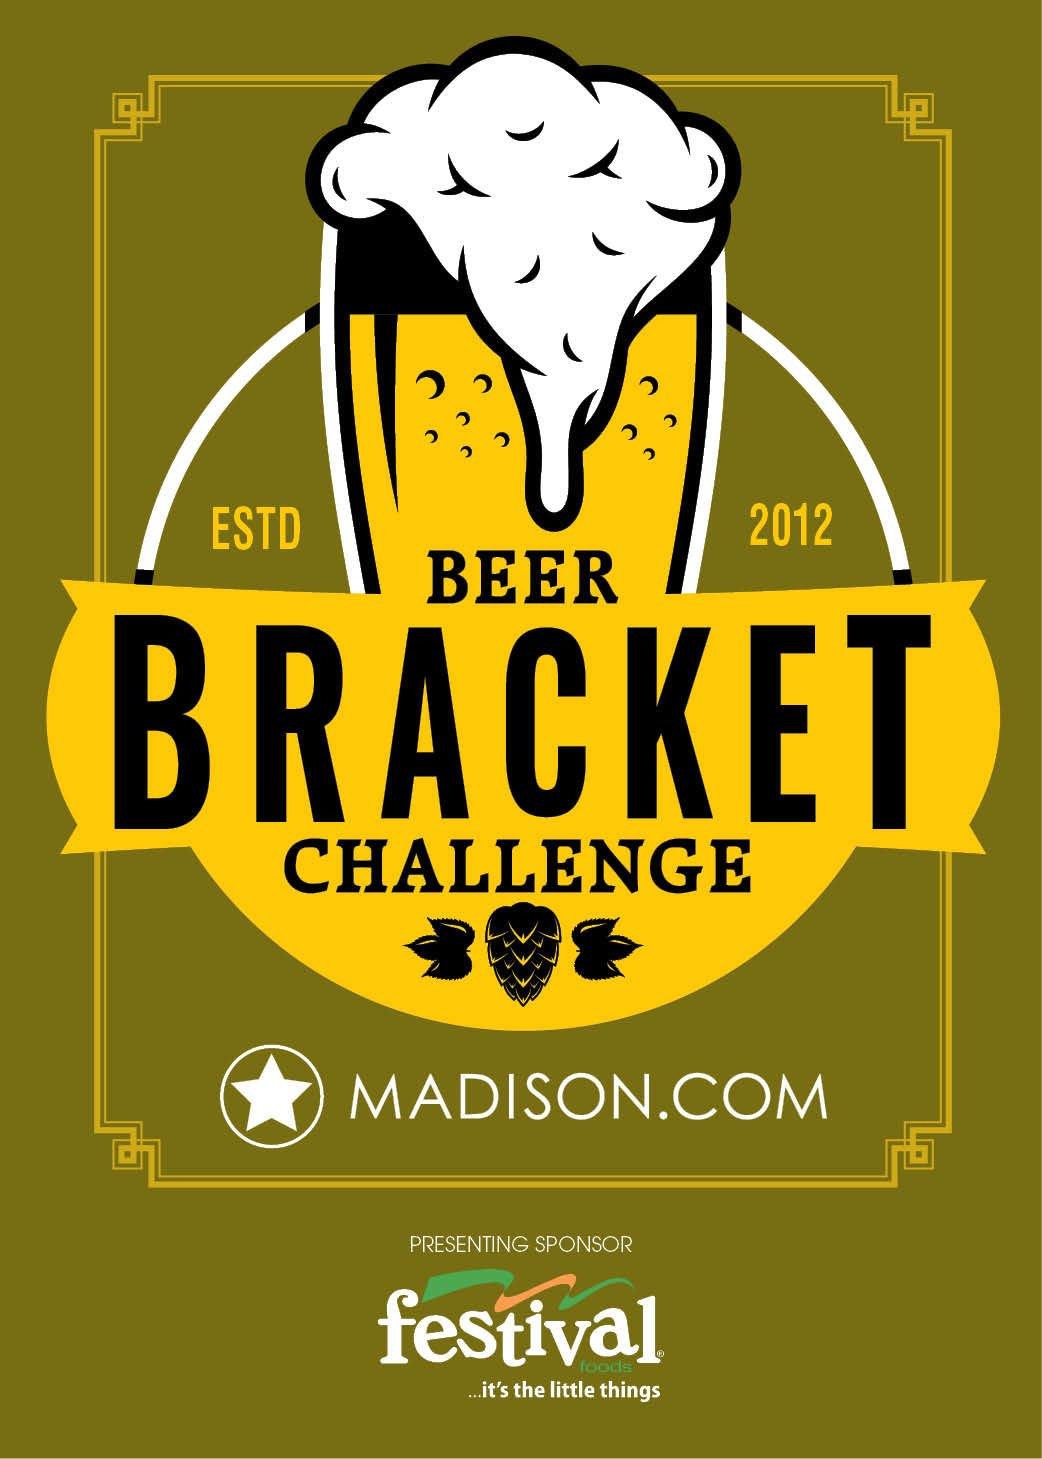 Beer Bracket logo 2018 with logos